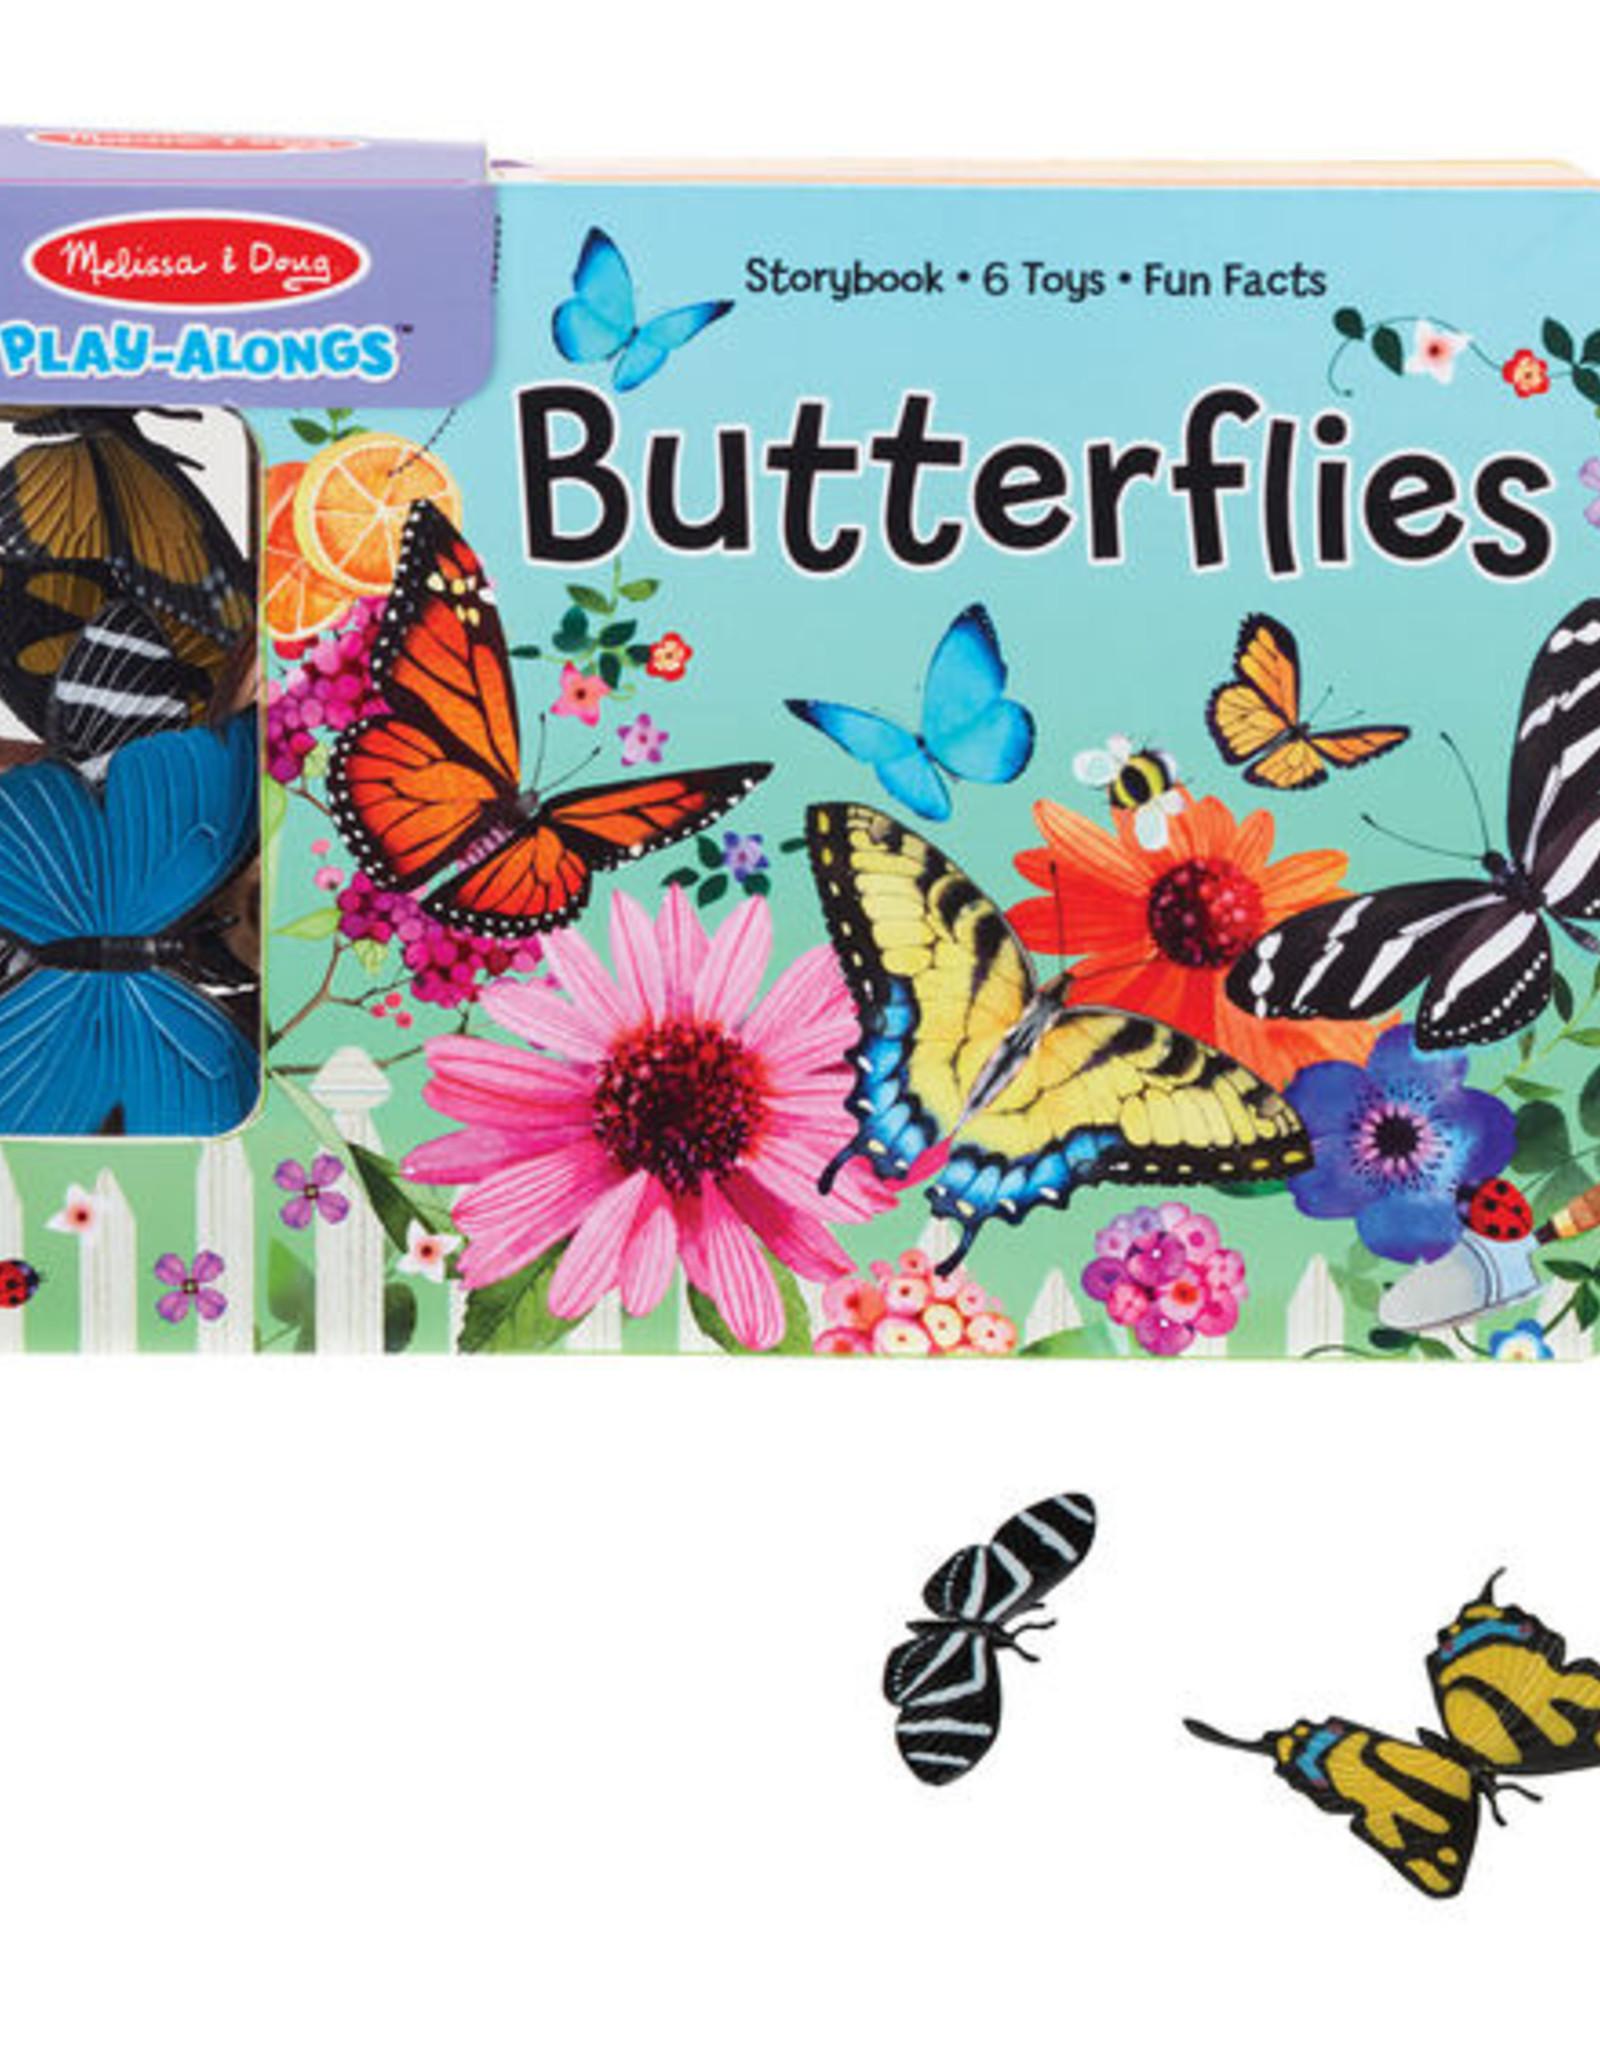 Melissa & Doug Play Along - Butterflies